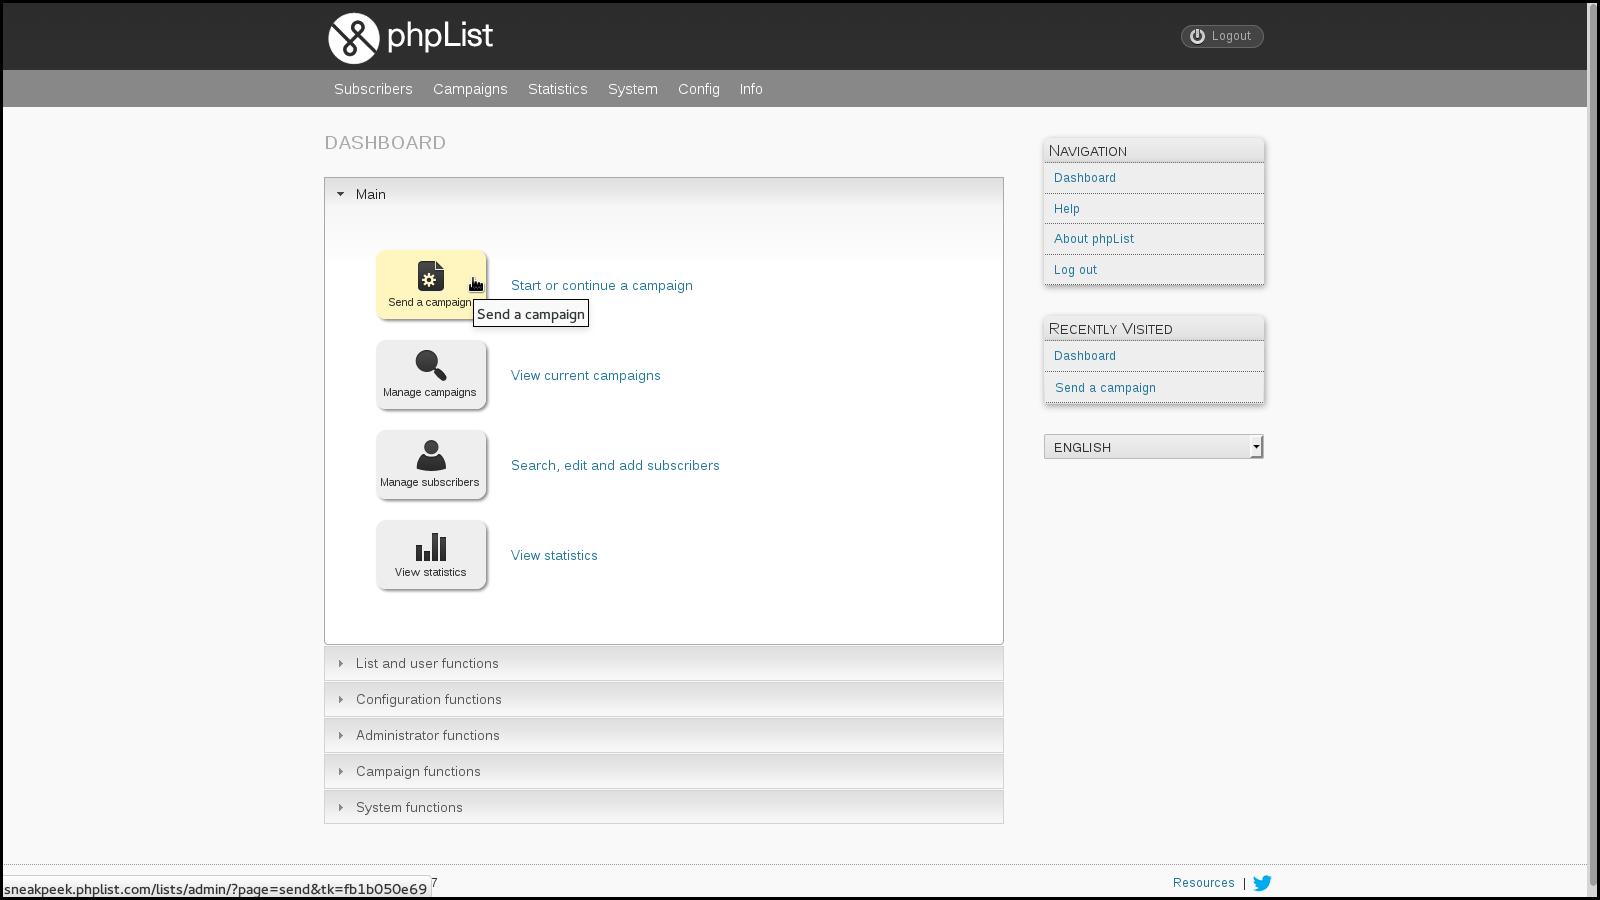 phpList_dashboard